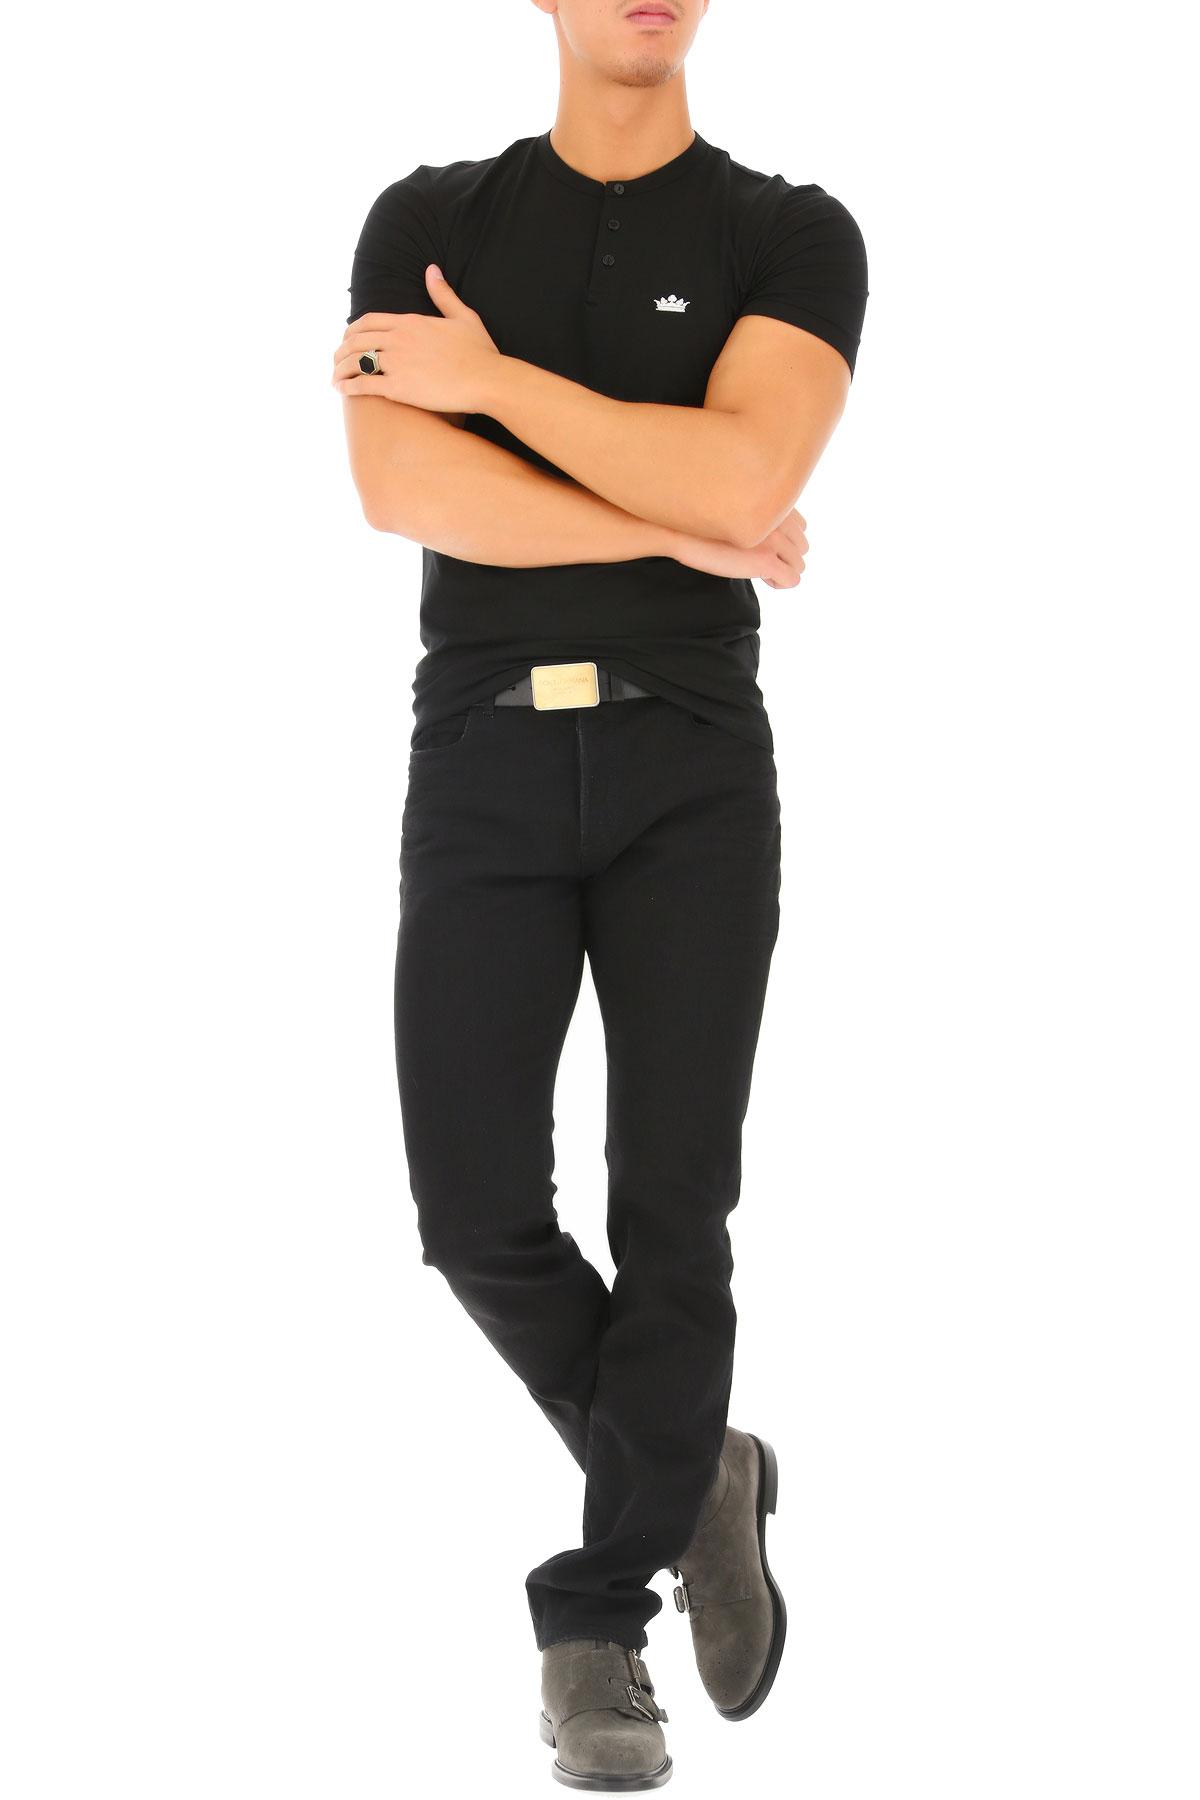 Blanco Para 2019 Primavera Dolce amp; Hombres Gabbana Negro Ropa verano pxPSvawq